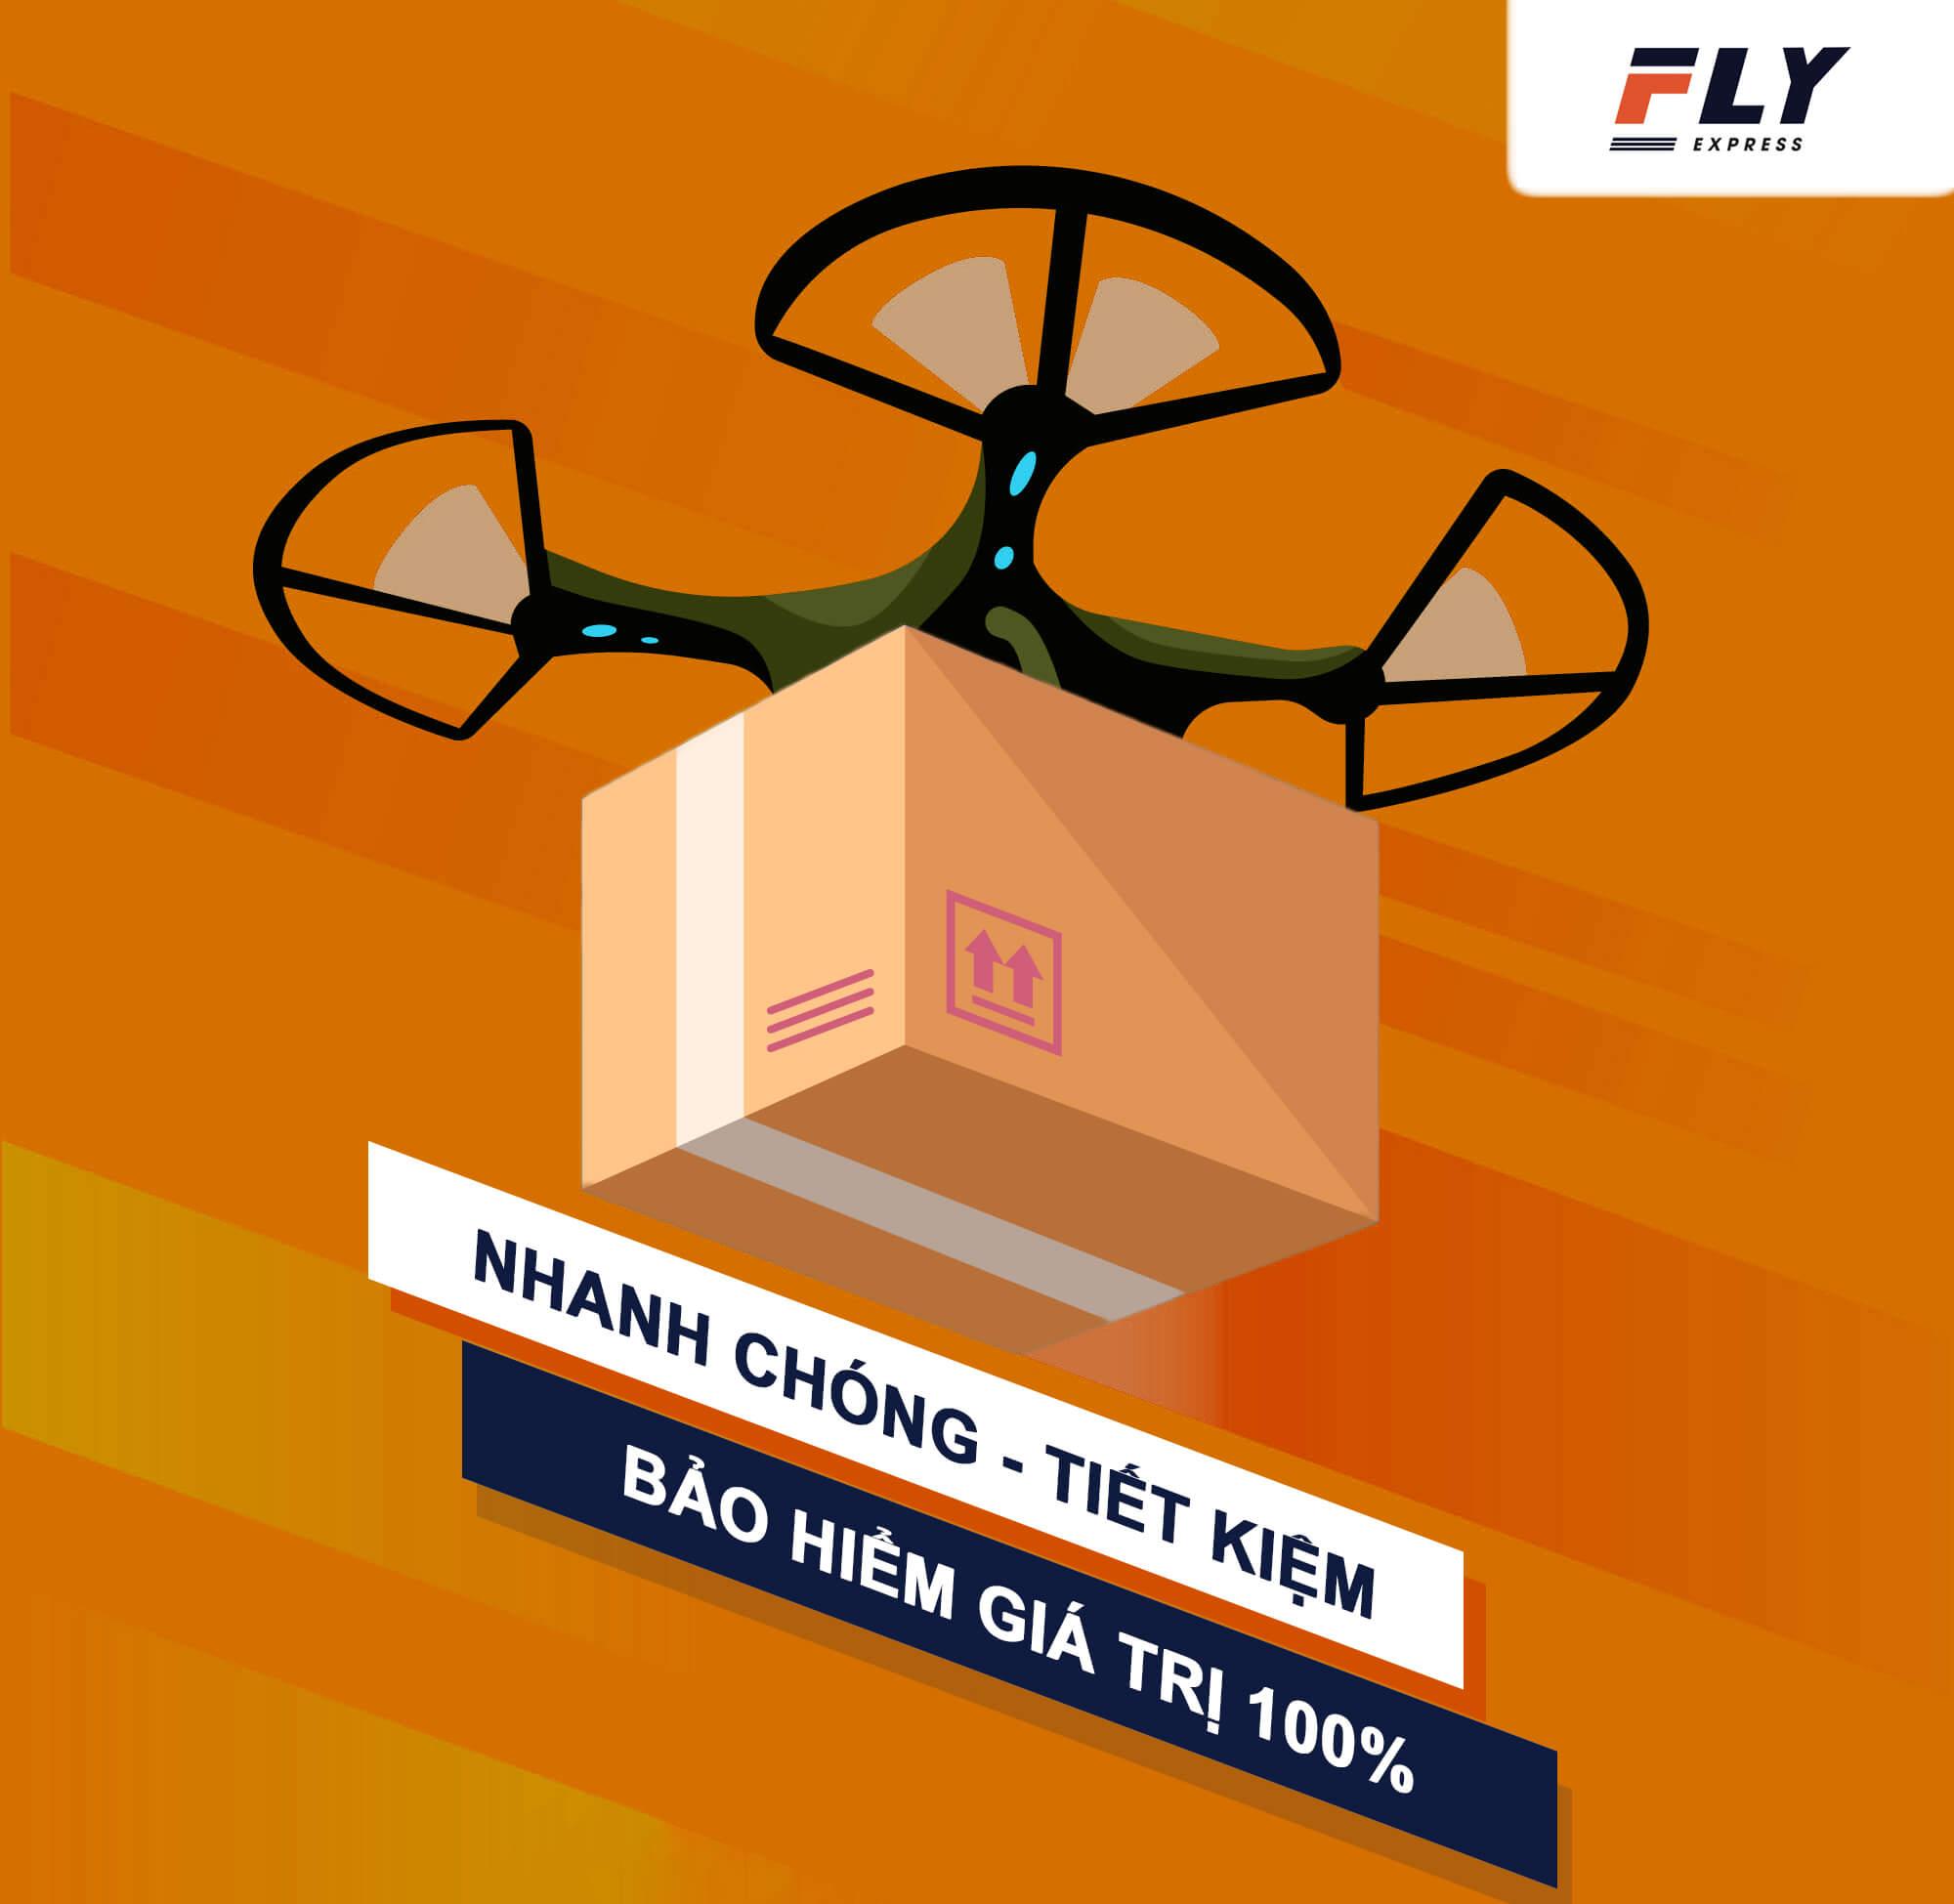 cam ket gui hang di quoc te tai fly express - Gửi hàng đi Mỹ tại Huế